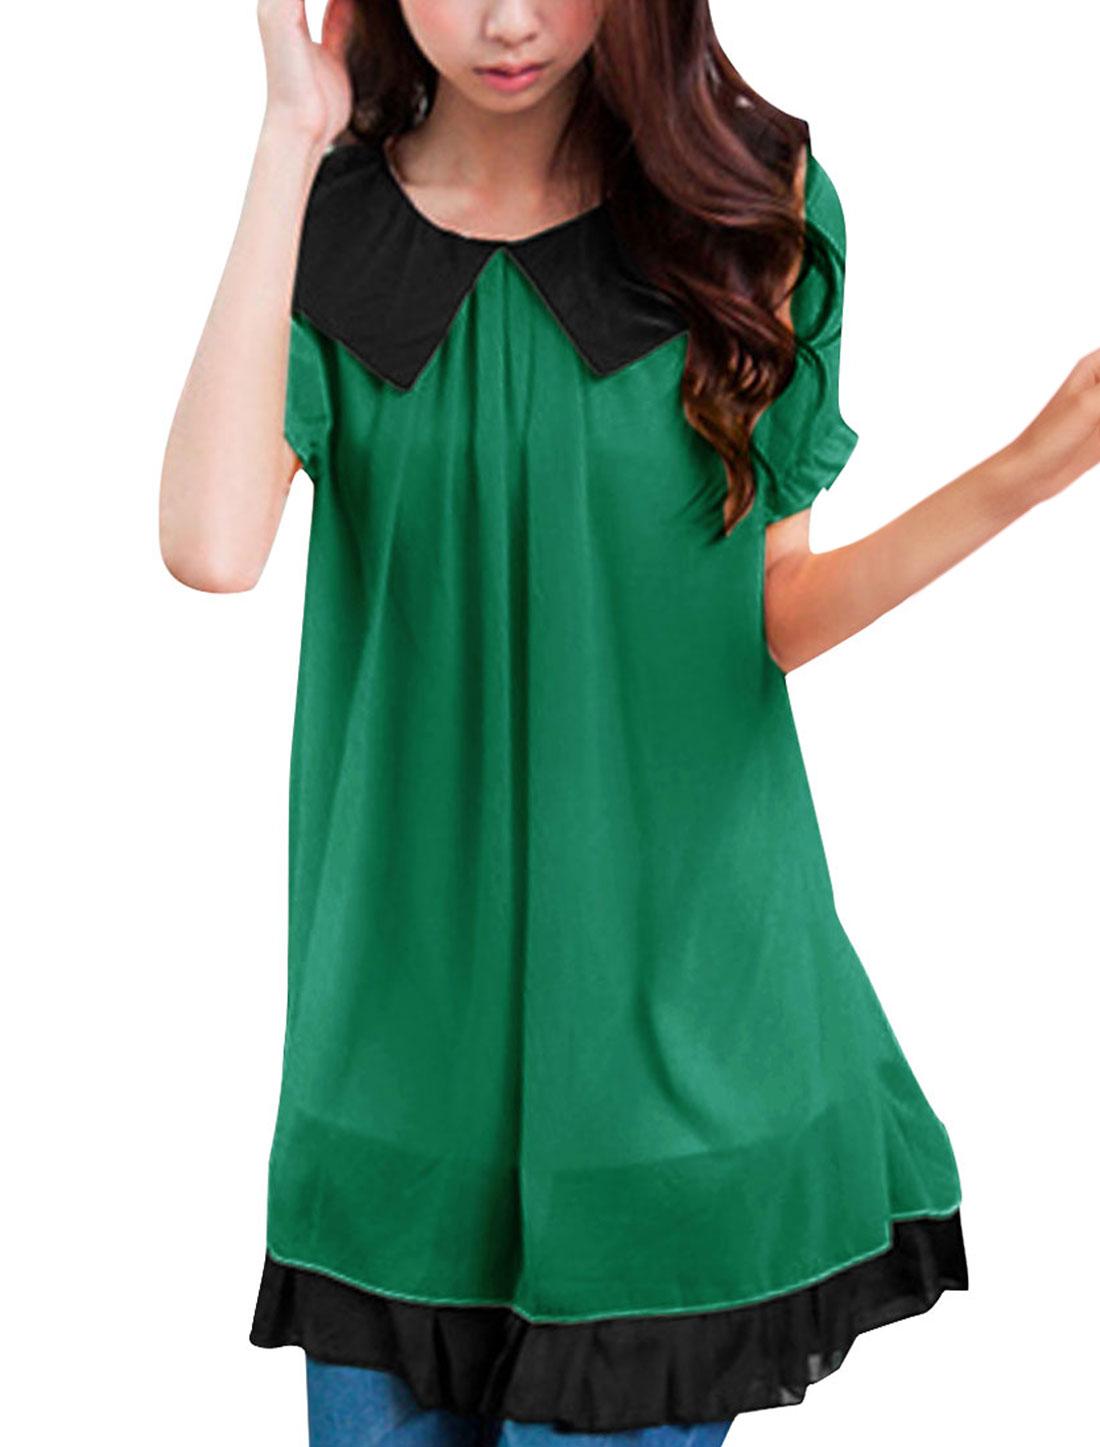 Lady Green Flouncing Hem Peter Pan Collar Layered Shirts Tunic Shirt XS